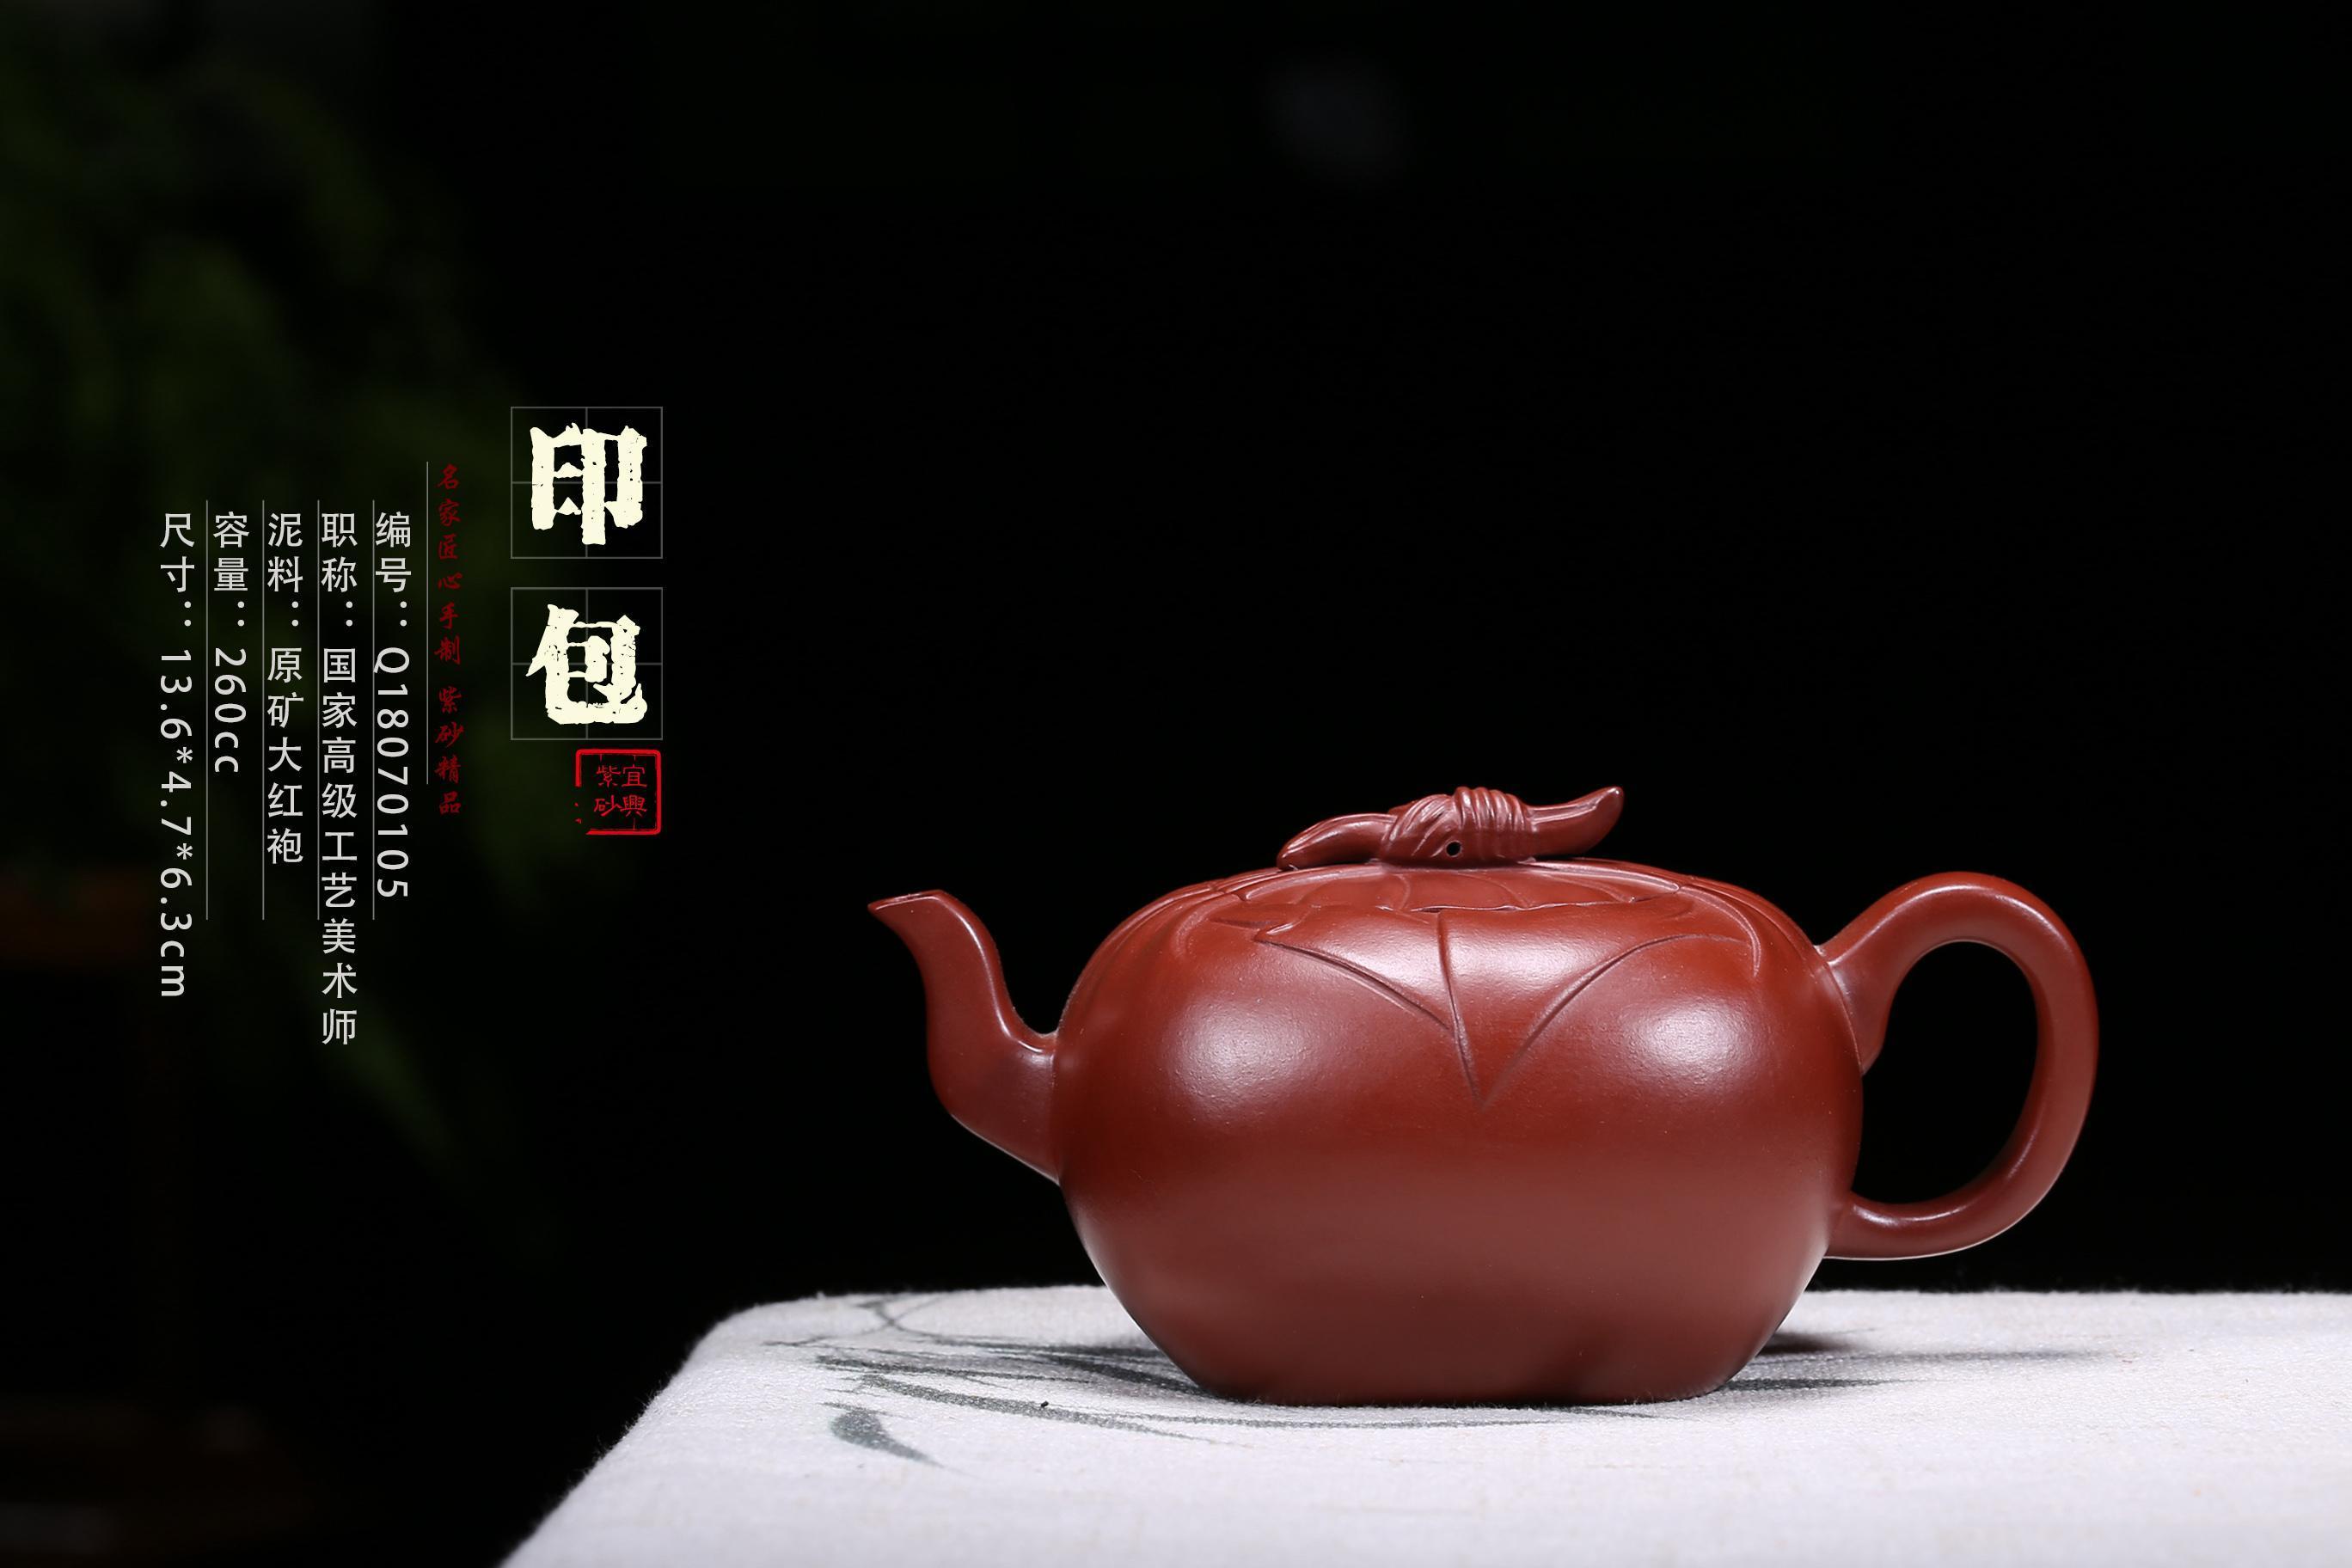 宜兴紫砂壶-印包壶-趣淘壶